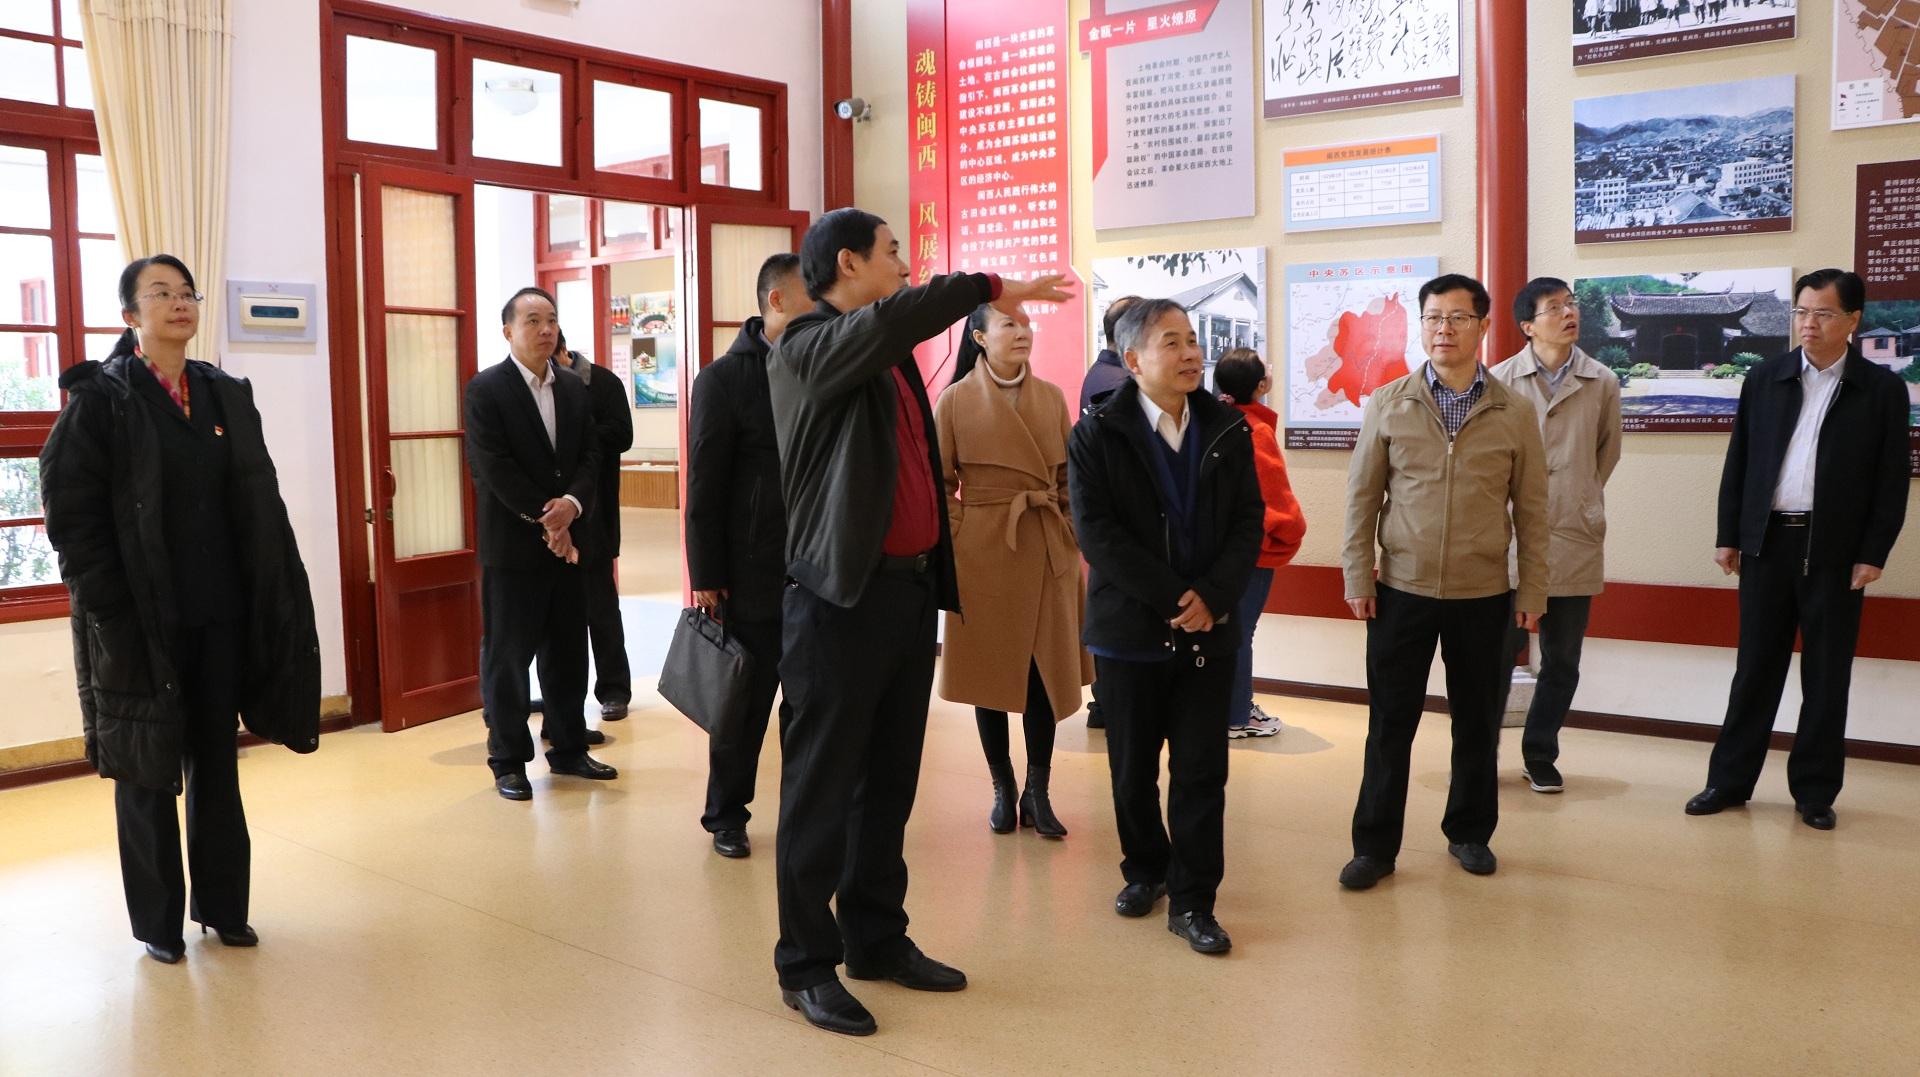 中央党校科研部主任林振义 省校院副校院长刘大可一行到院校调研